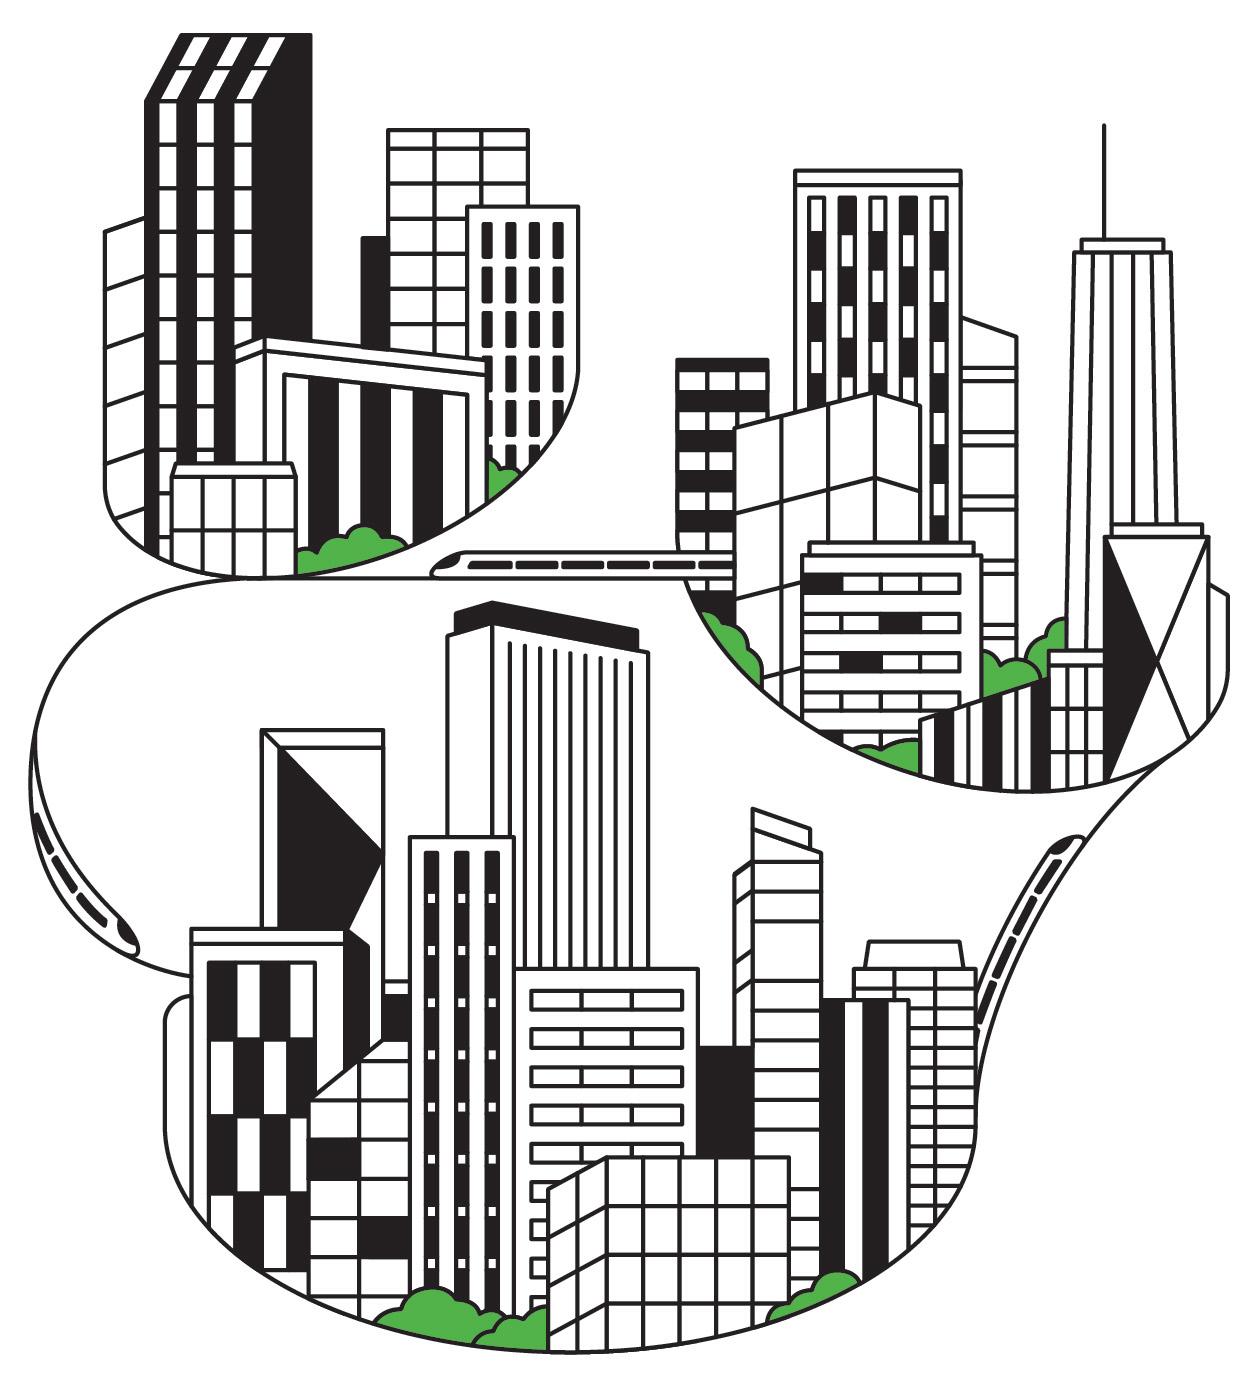 1億人の超巨大「都市郡」、中国が推進する次世代都市構想